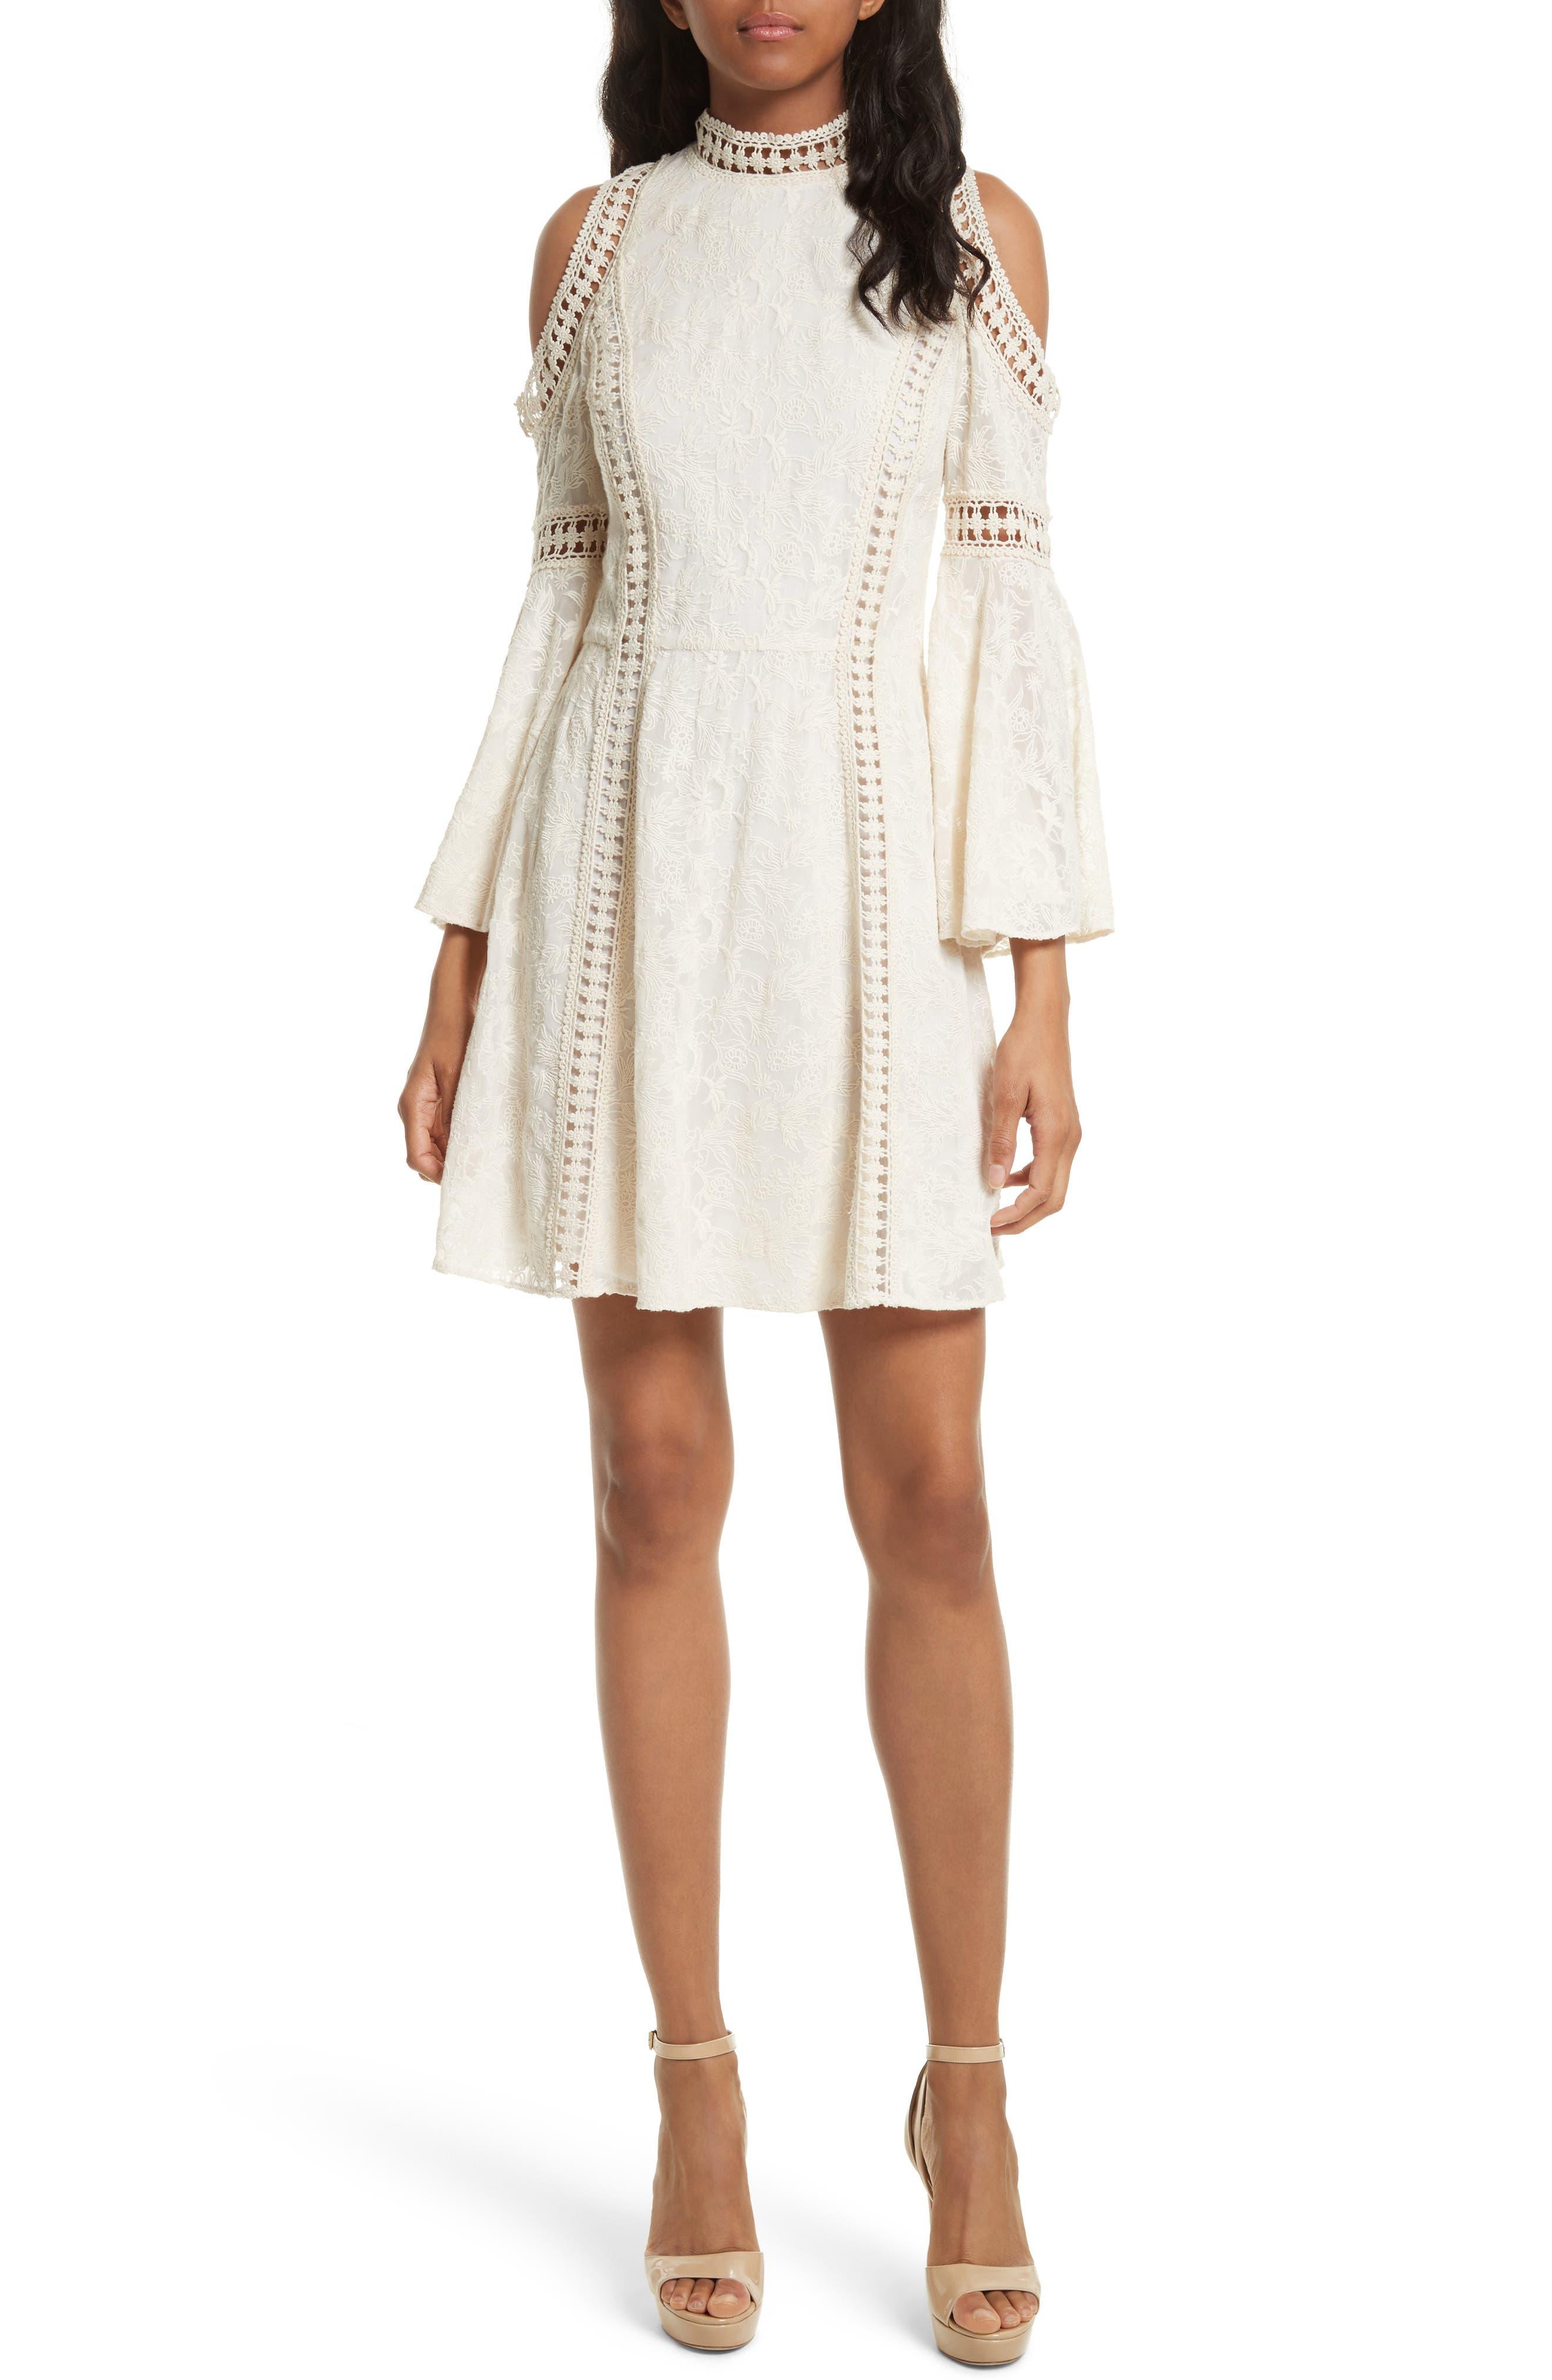 ALICE + OLIVIA Enya Embroidered Cold Shoulder Dress